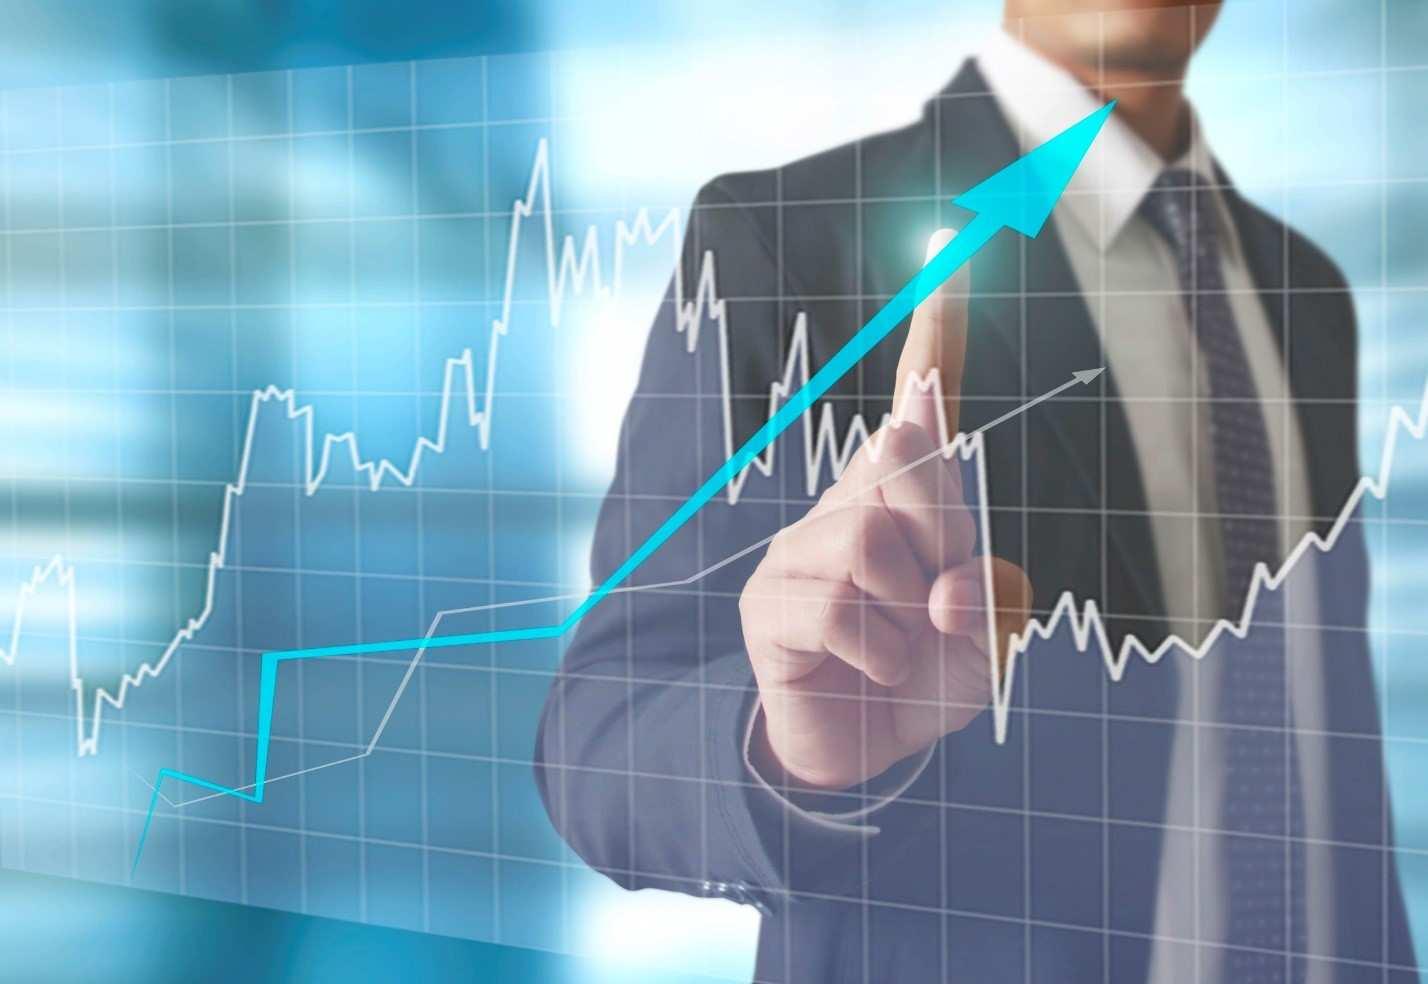 Kinh nghiệm đầu tư chứng khoán22